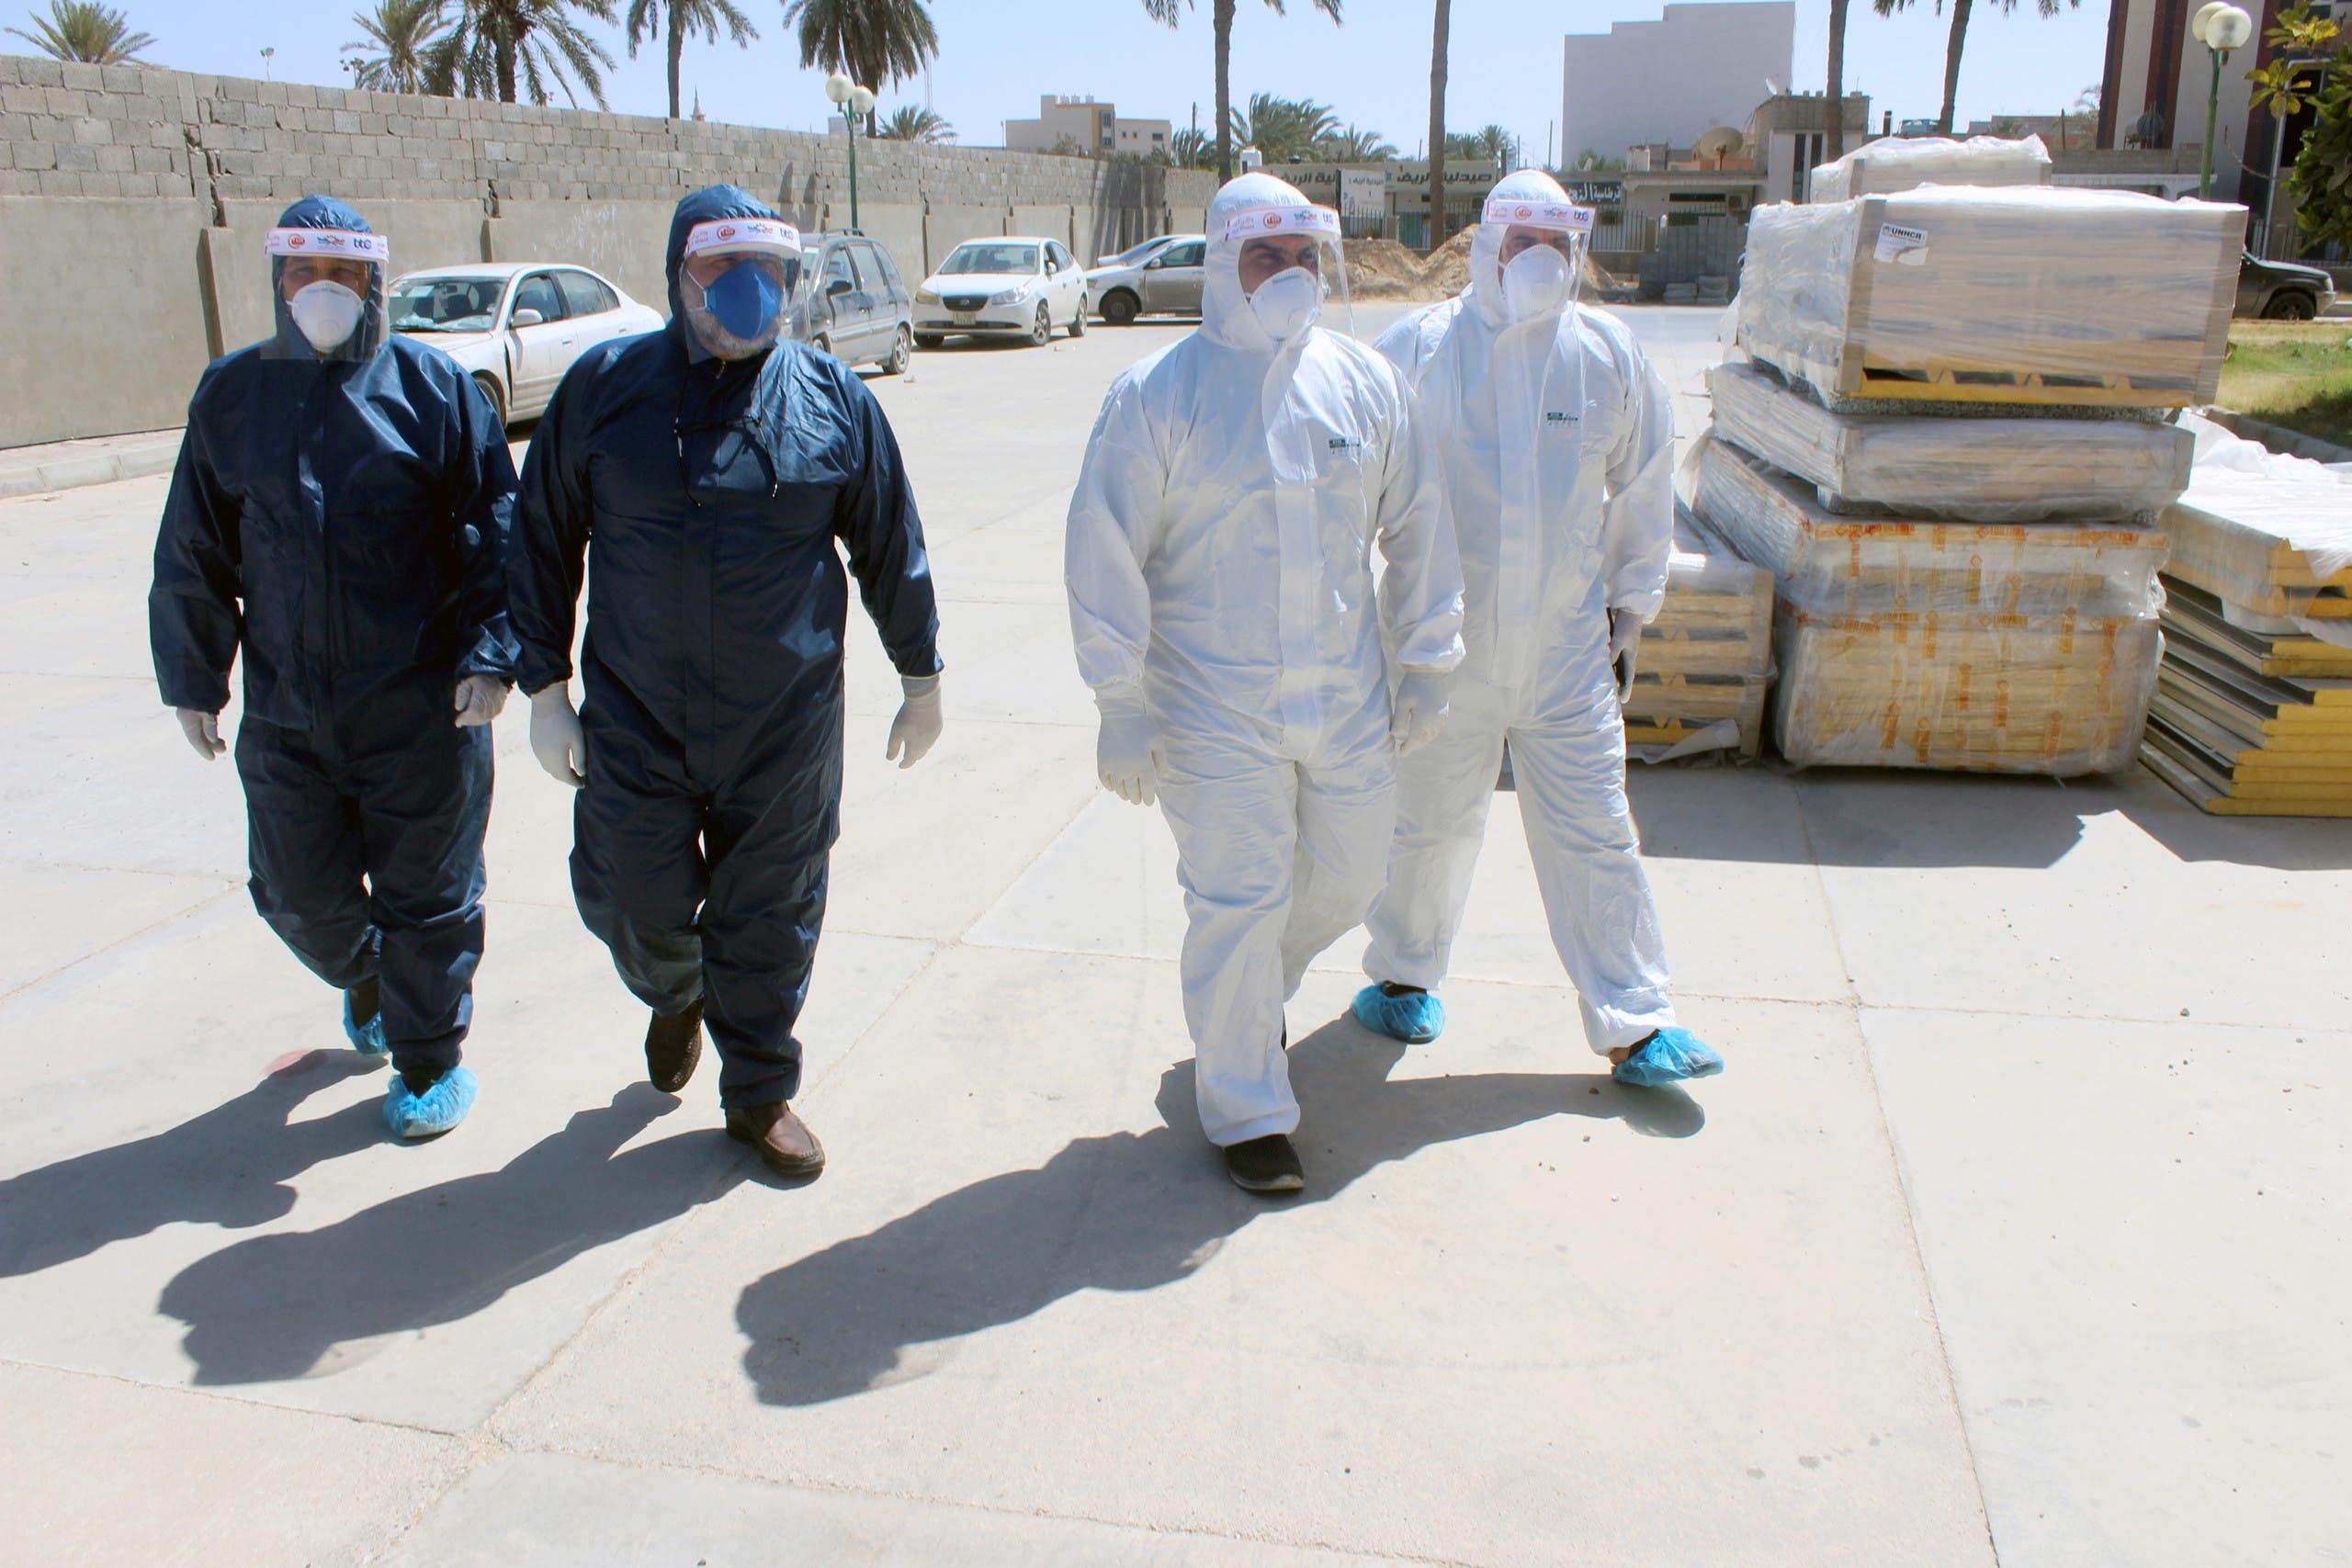 فريق طبي يدخل عيادة في مصراتة بعد تفشي كورونا فيها